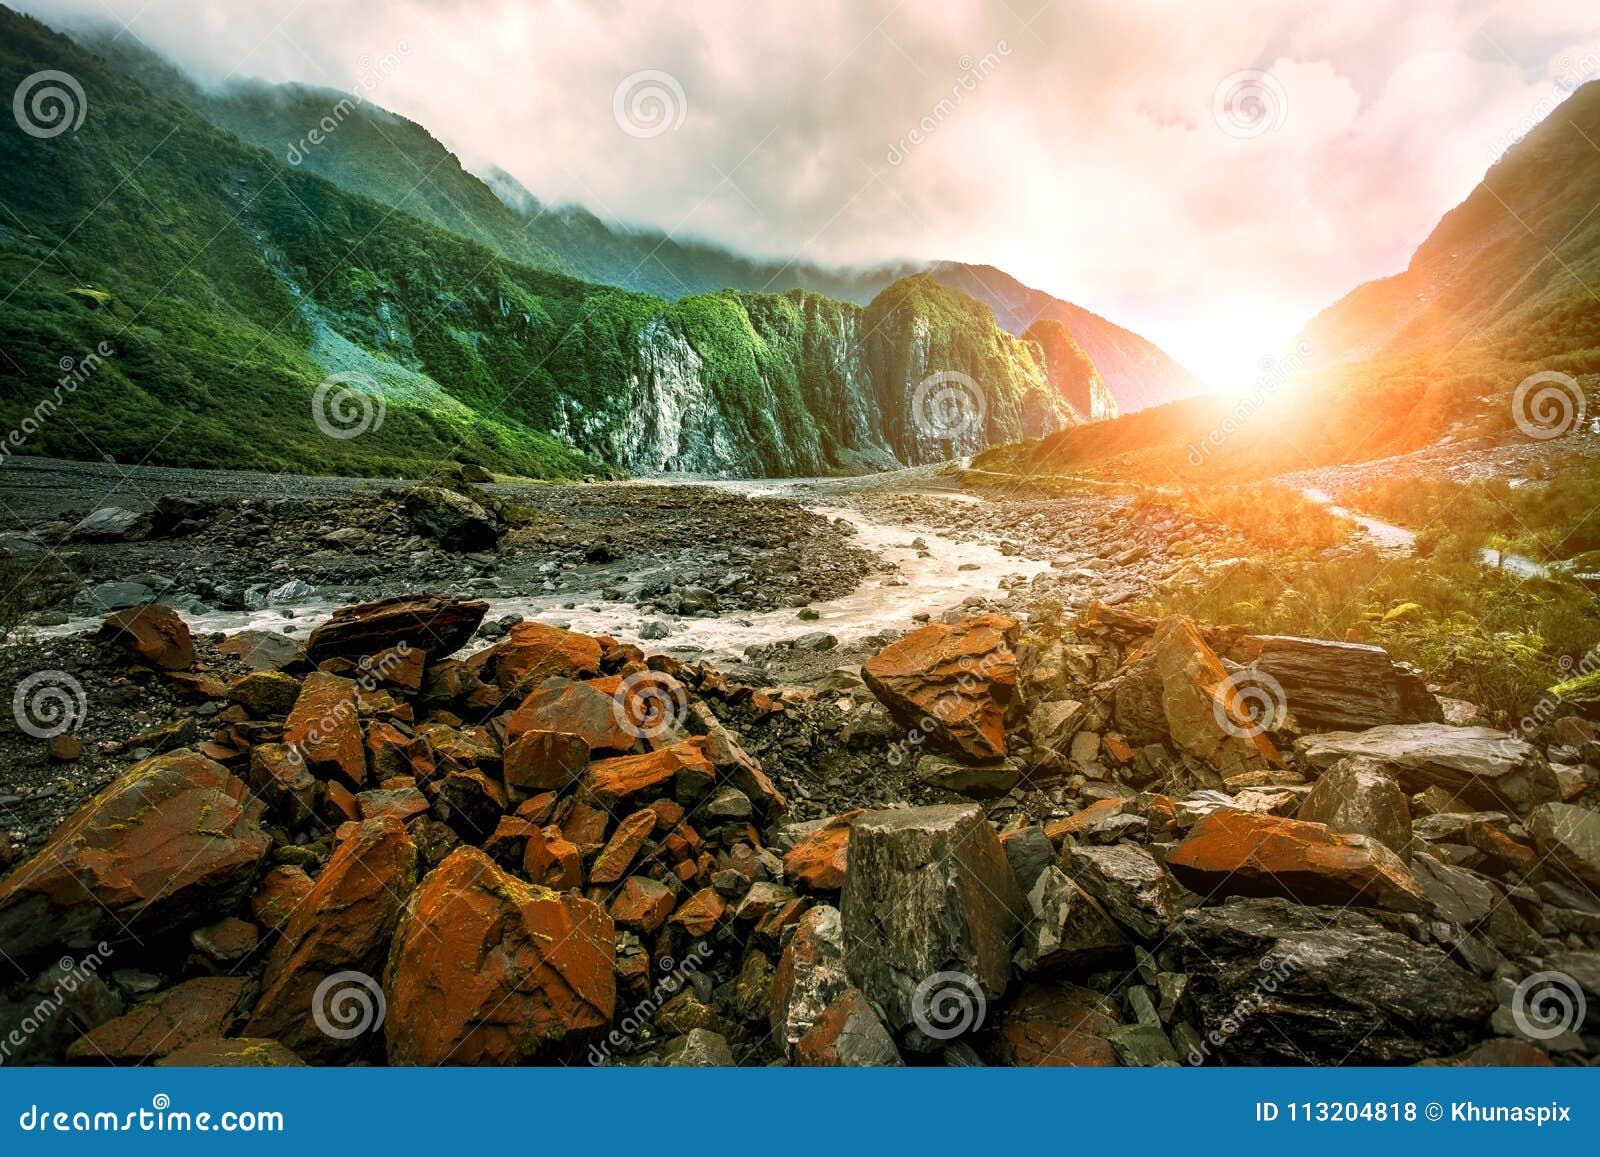 美丽风景狐狸冰川西海岸南方新西兰